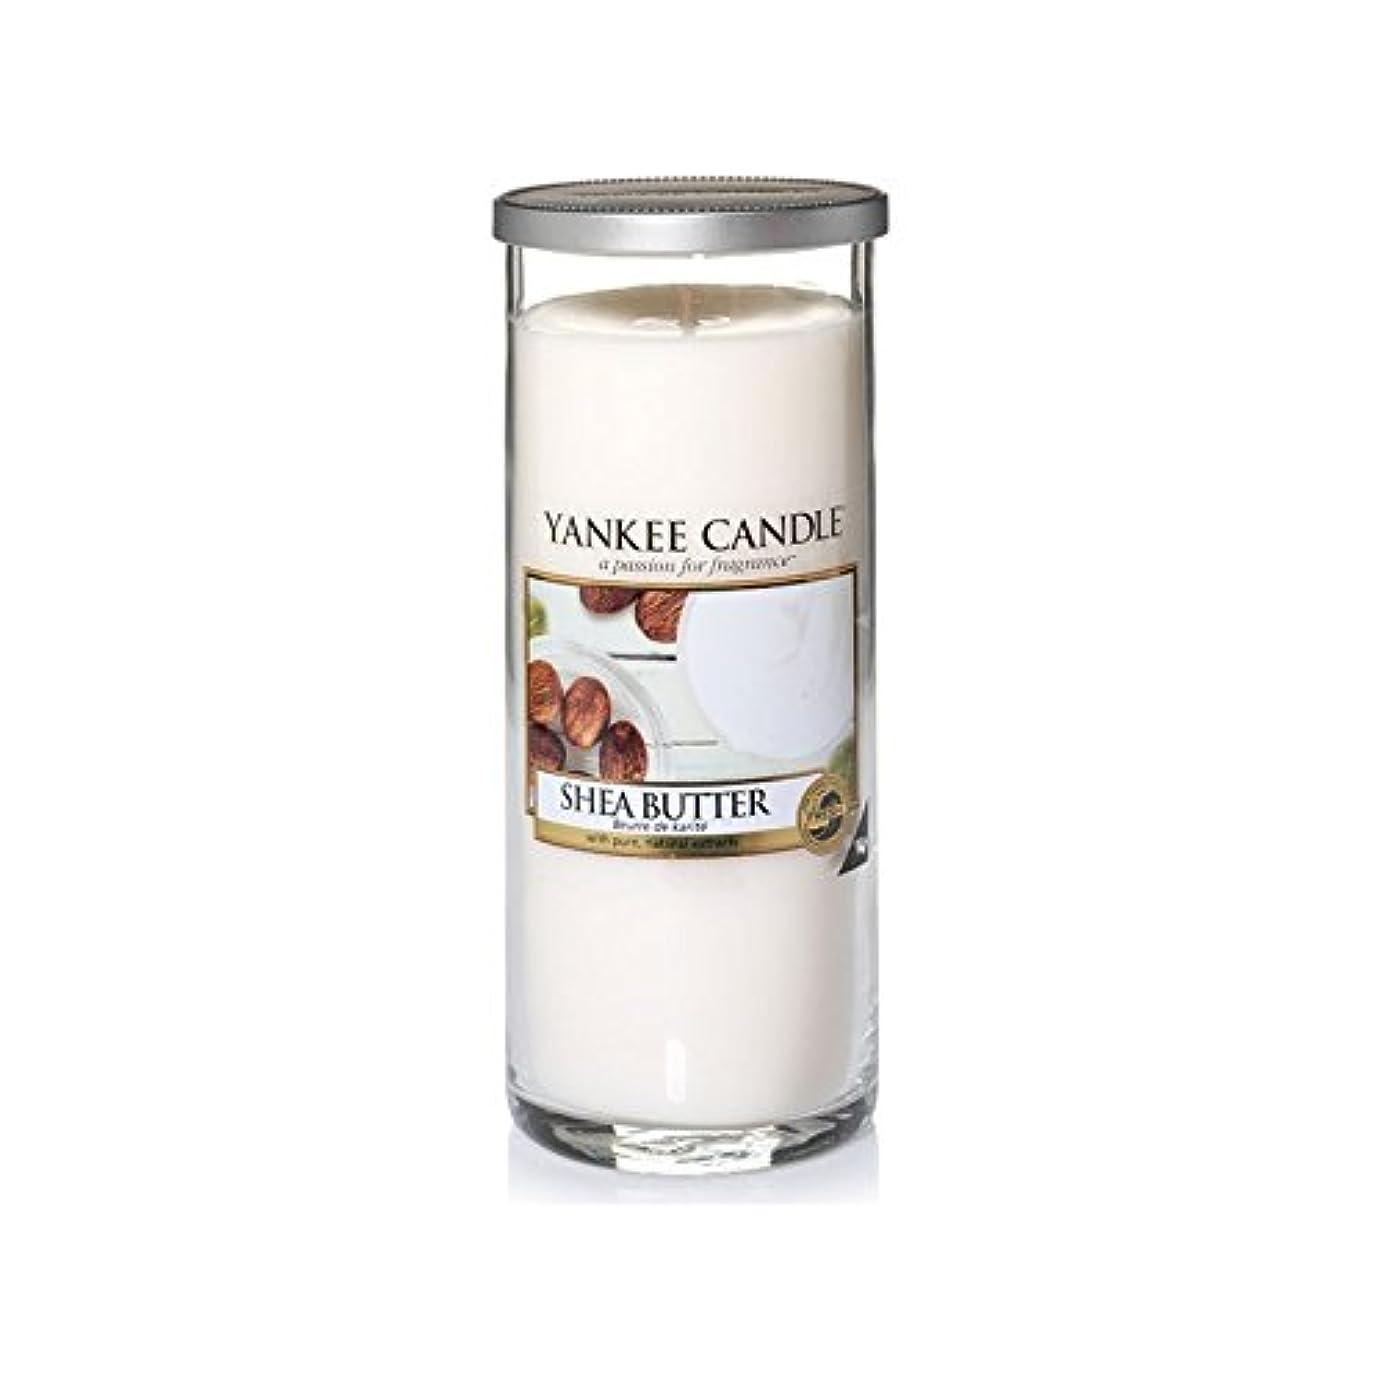 余韻誕生日料理をするヤンキーキャンドル大きな柱キャンドル - シアバター - Yankee Candles Large Pillar Candle - Shea Butter (Yankee Candles) [並行輸入品]